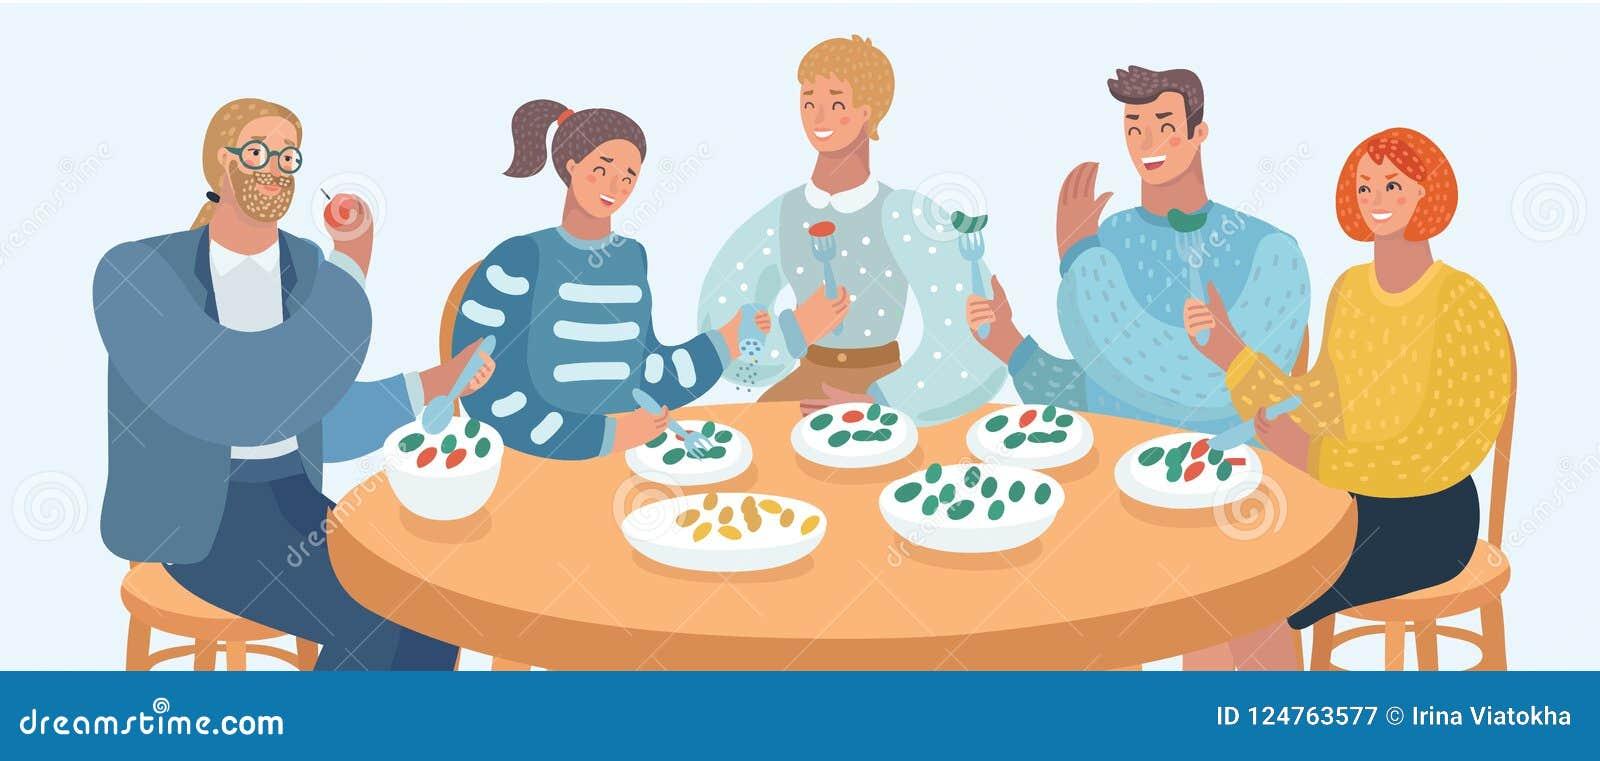 Le groupe de personnes mangent